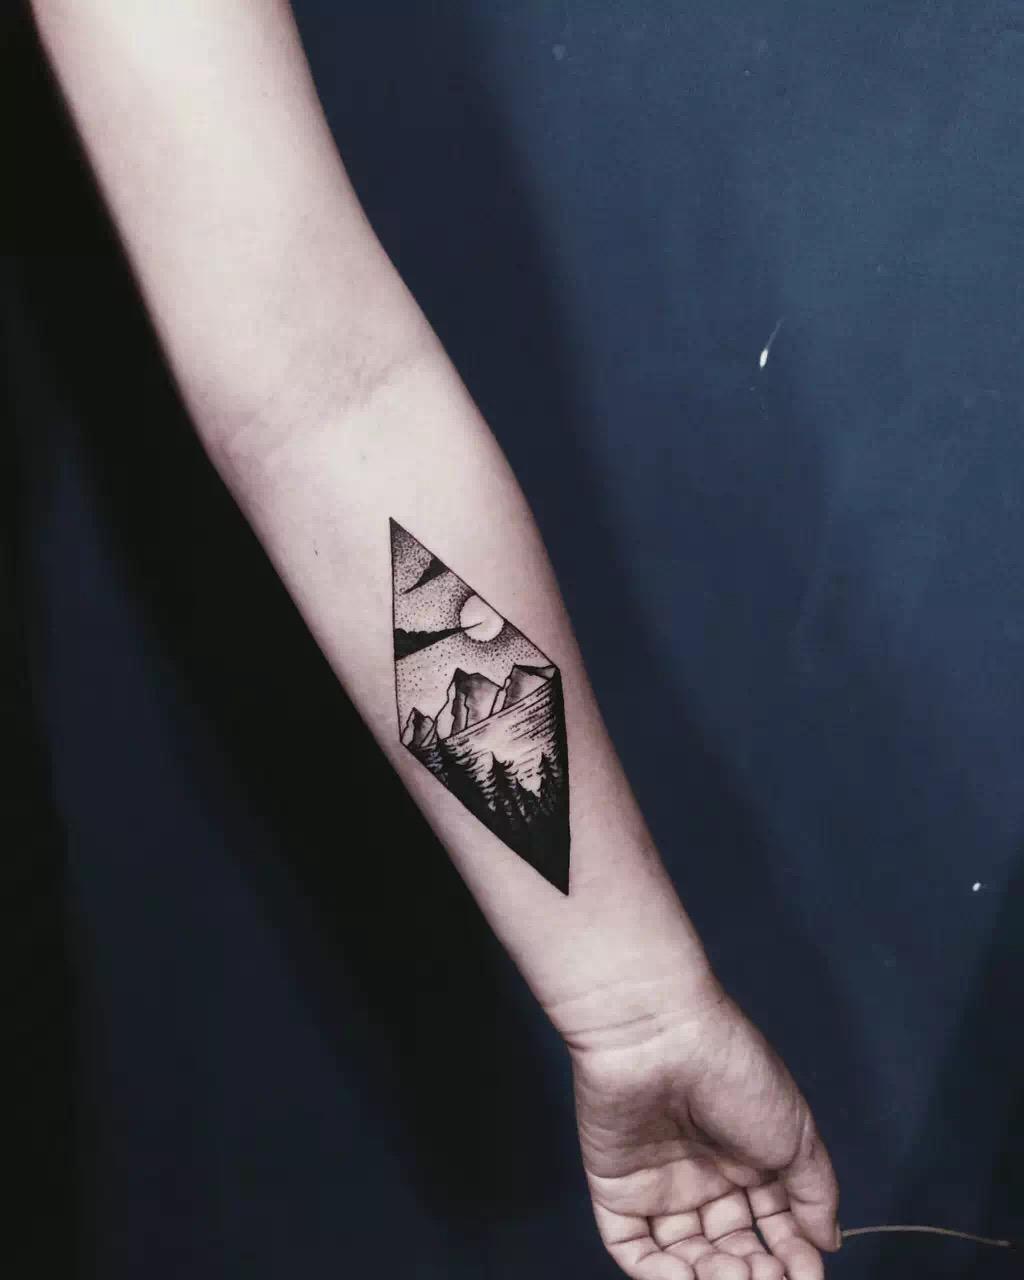 网红主播小邱手臂上的菱形暮色风景纹身图案